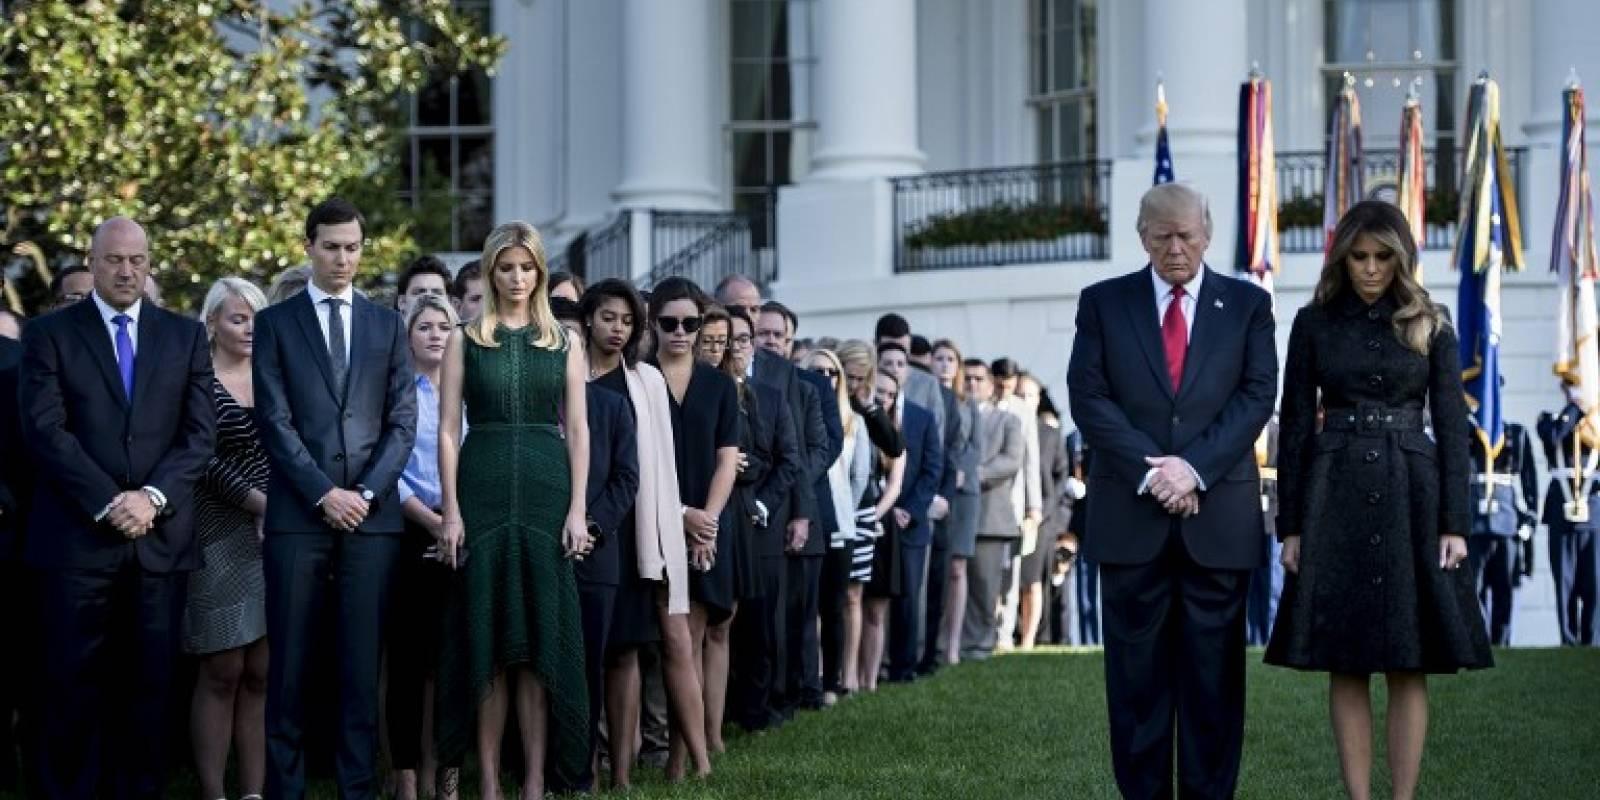 11 de Septiembre: Trump guarda un minuto de silencio por atentados